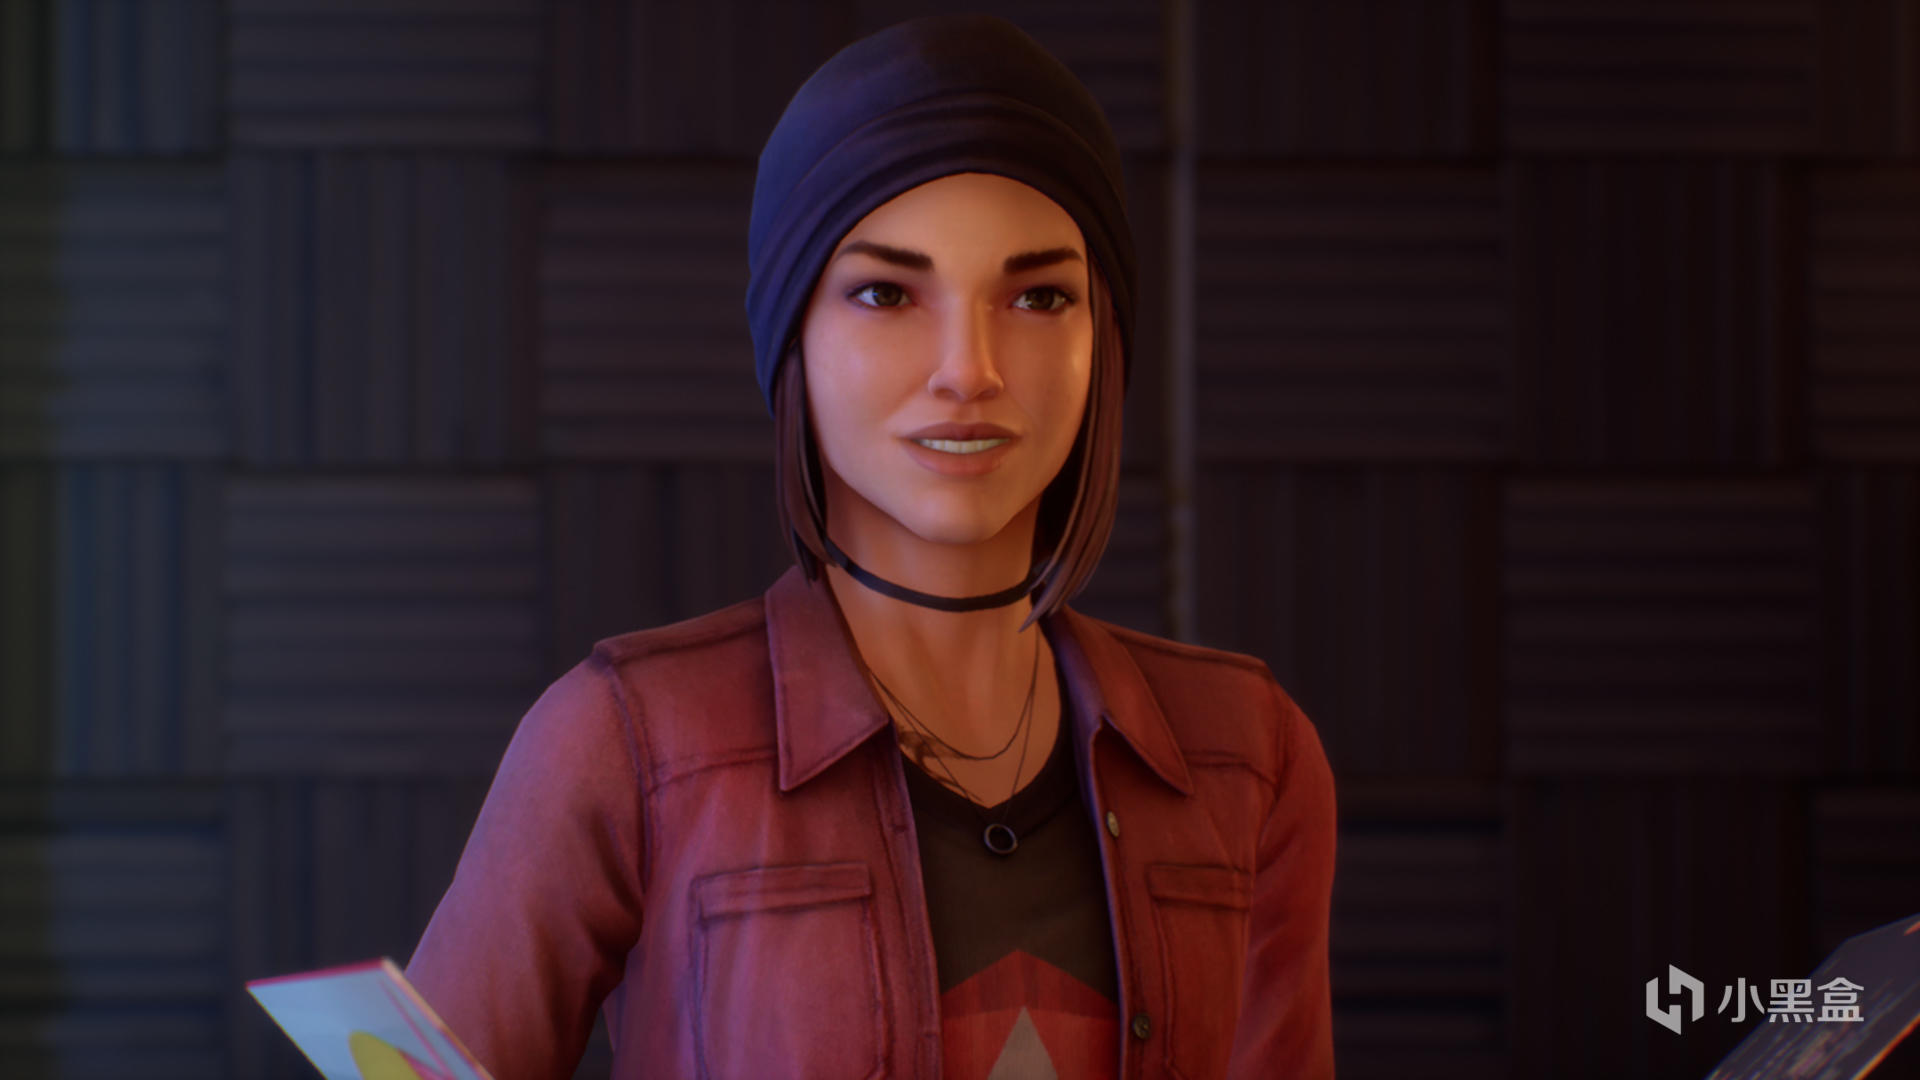 《奇异人生:本色》主创:将为角色互动提供更高自由度-C3动漫网